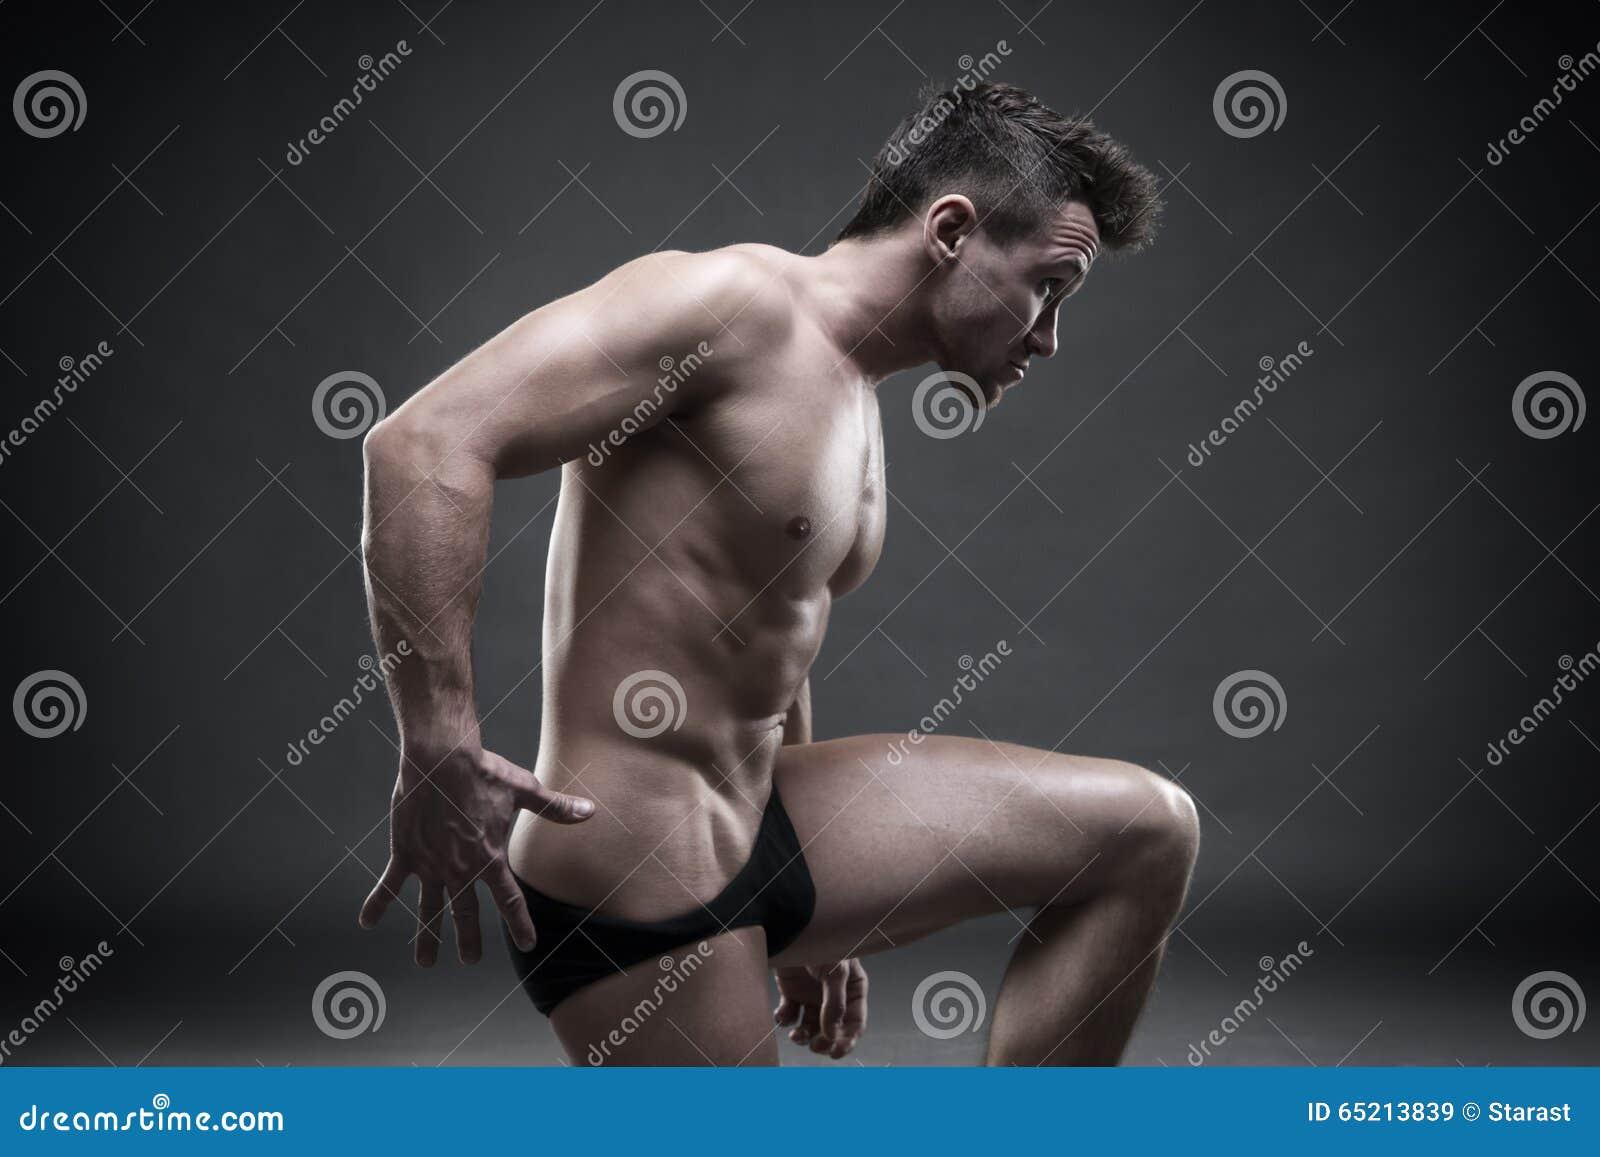 Όμορφη μυϊκή τοποθέτηση bodybuilder στο γκρίζο υπόβαθρο Συγκρατημένος πυροβολισμός στούντιο